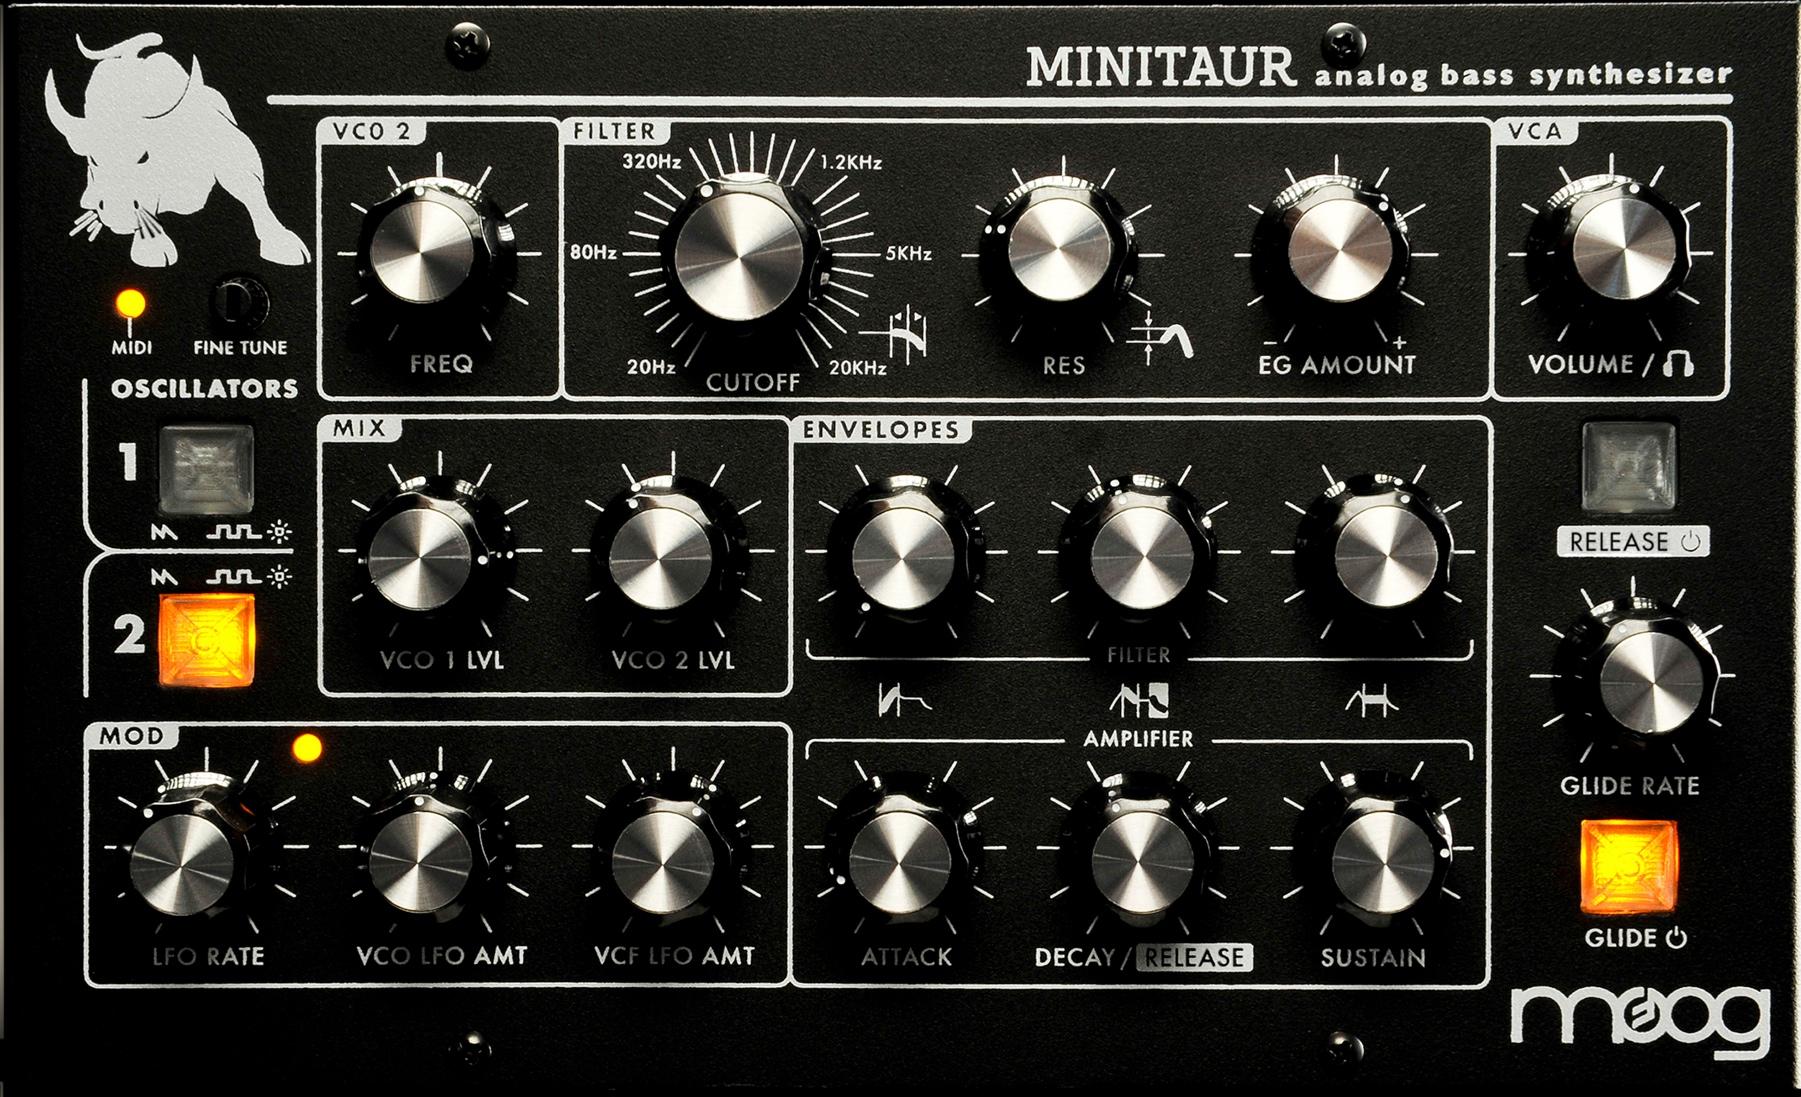 moog-MINITAUR-0